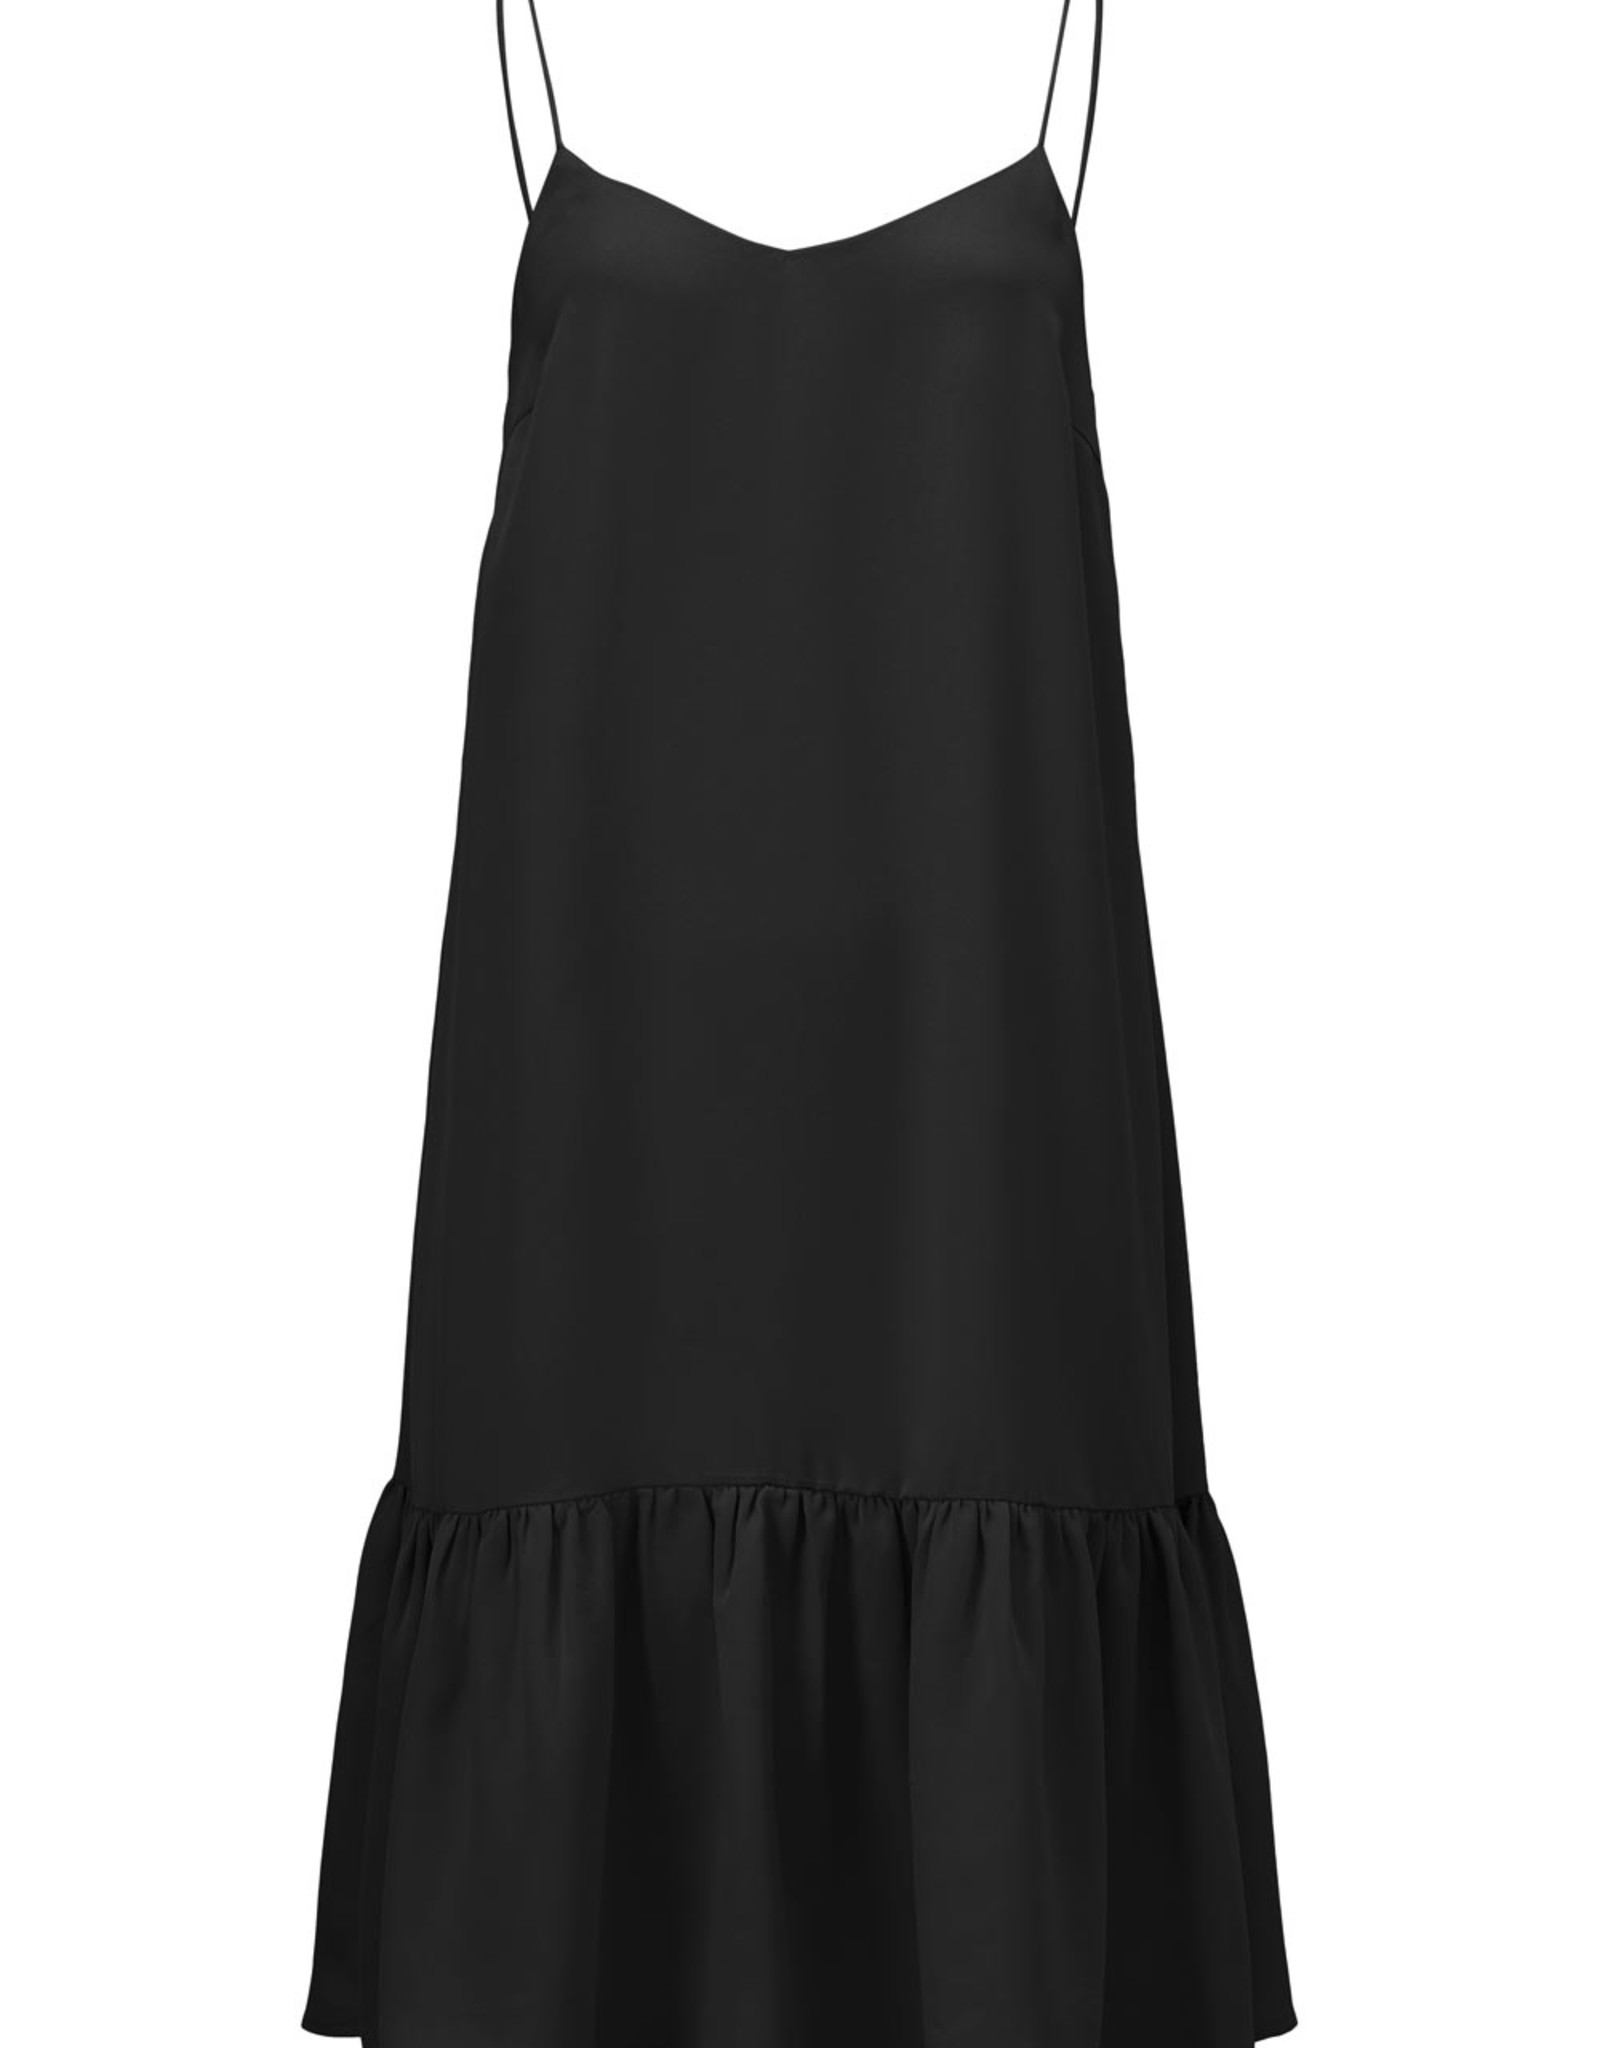 Modstrom Janie Fashion Dress Black